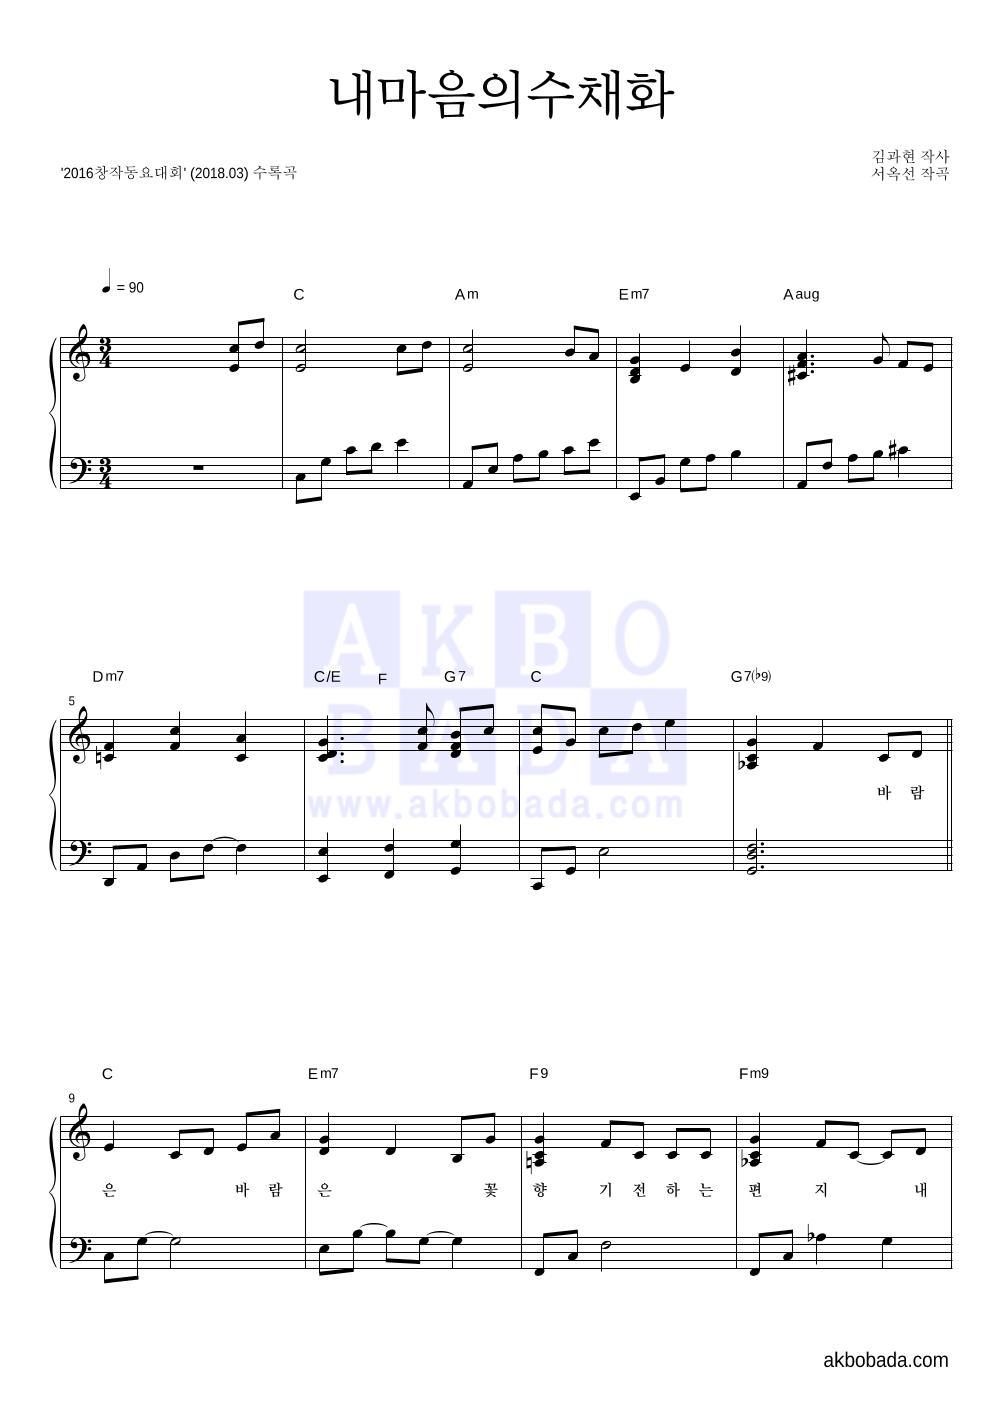 동요 - 내마음의수채화 피아노 2단 악보